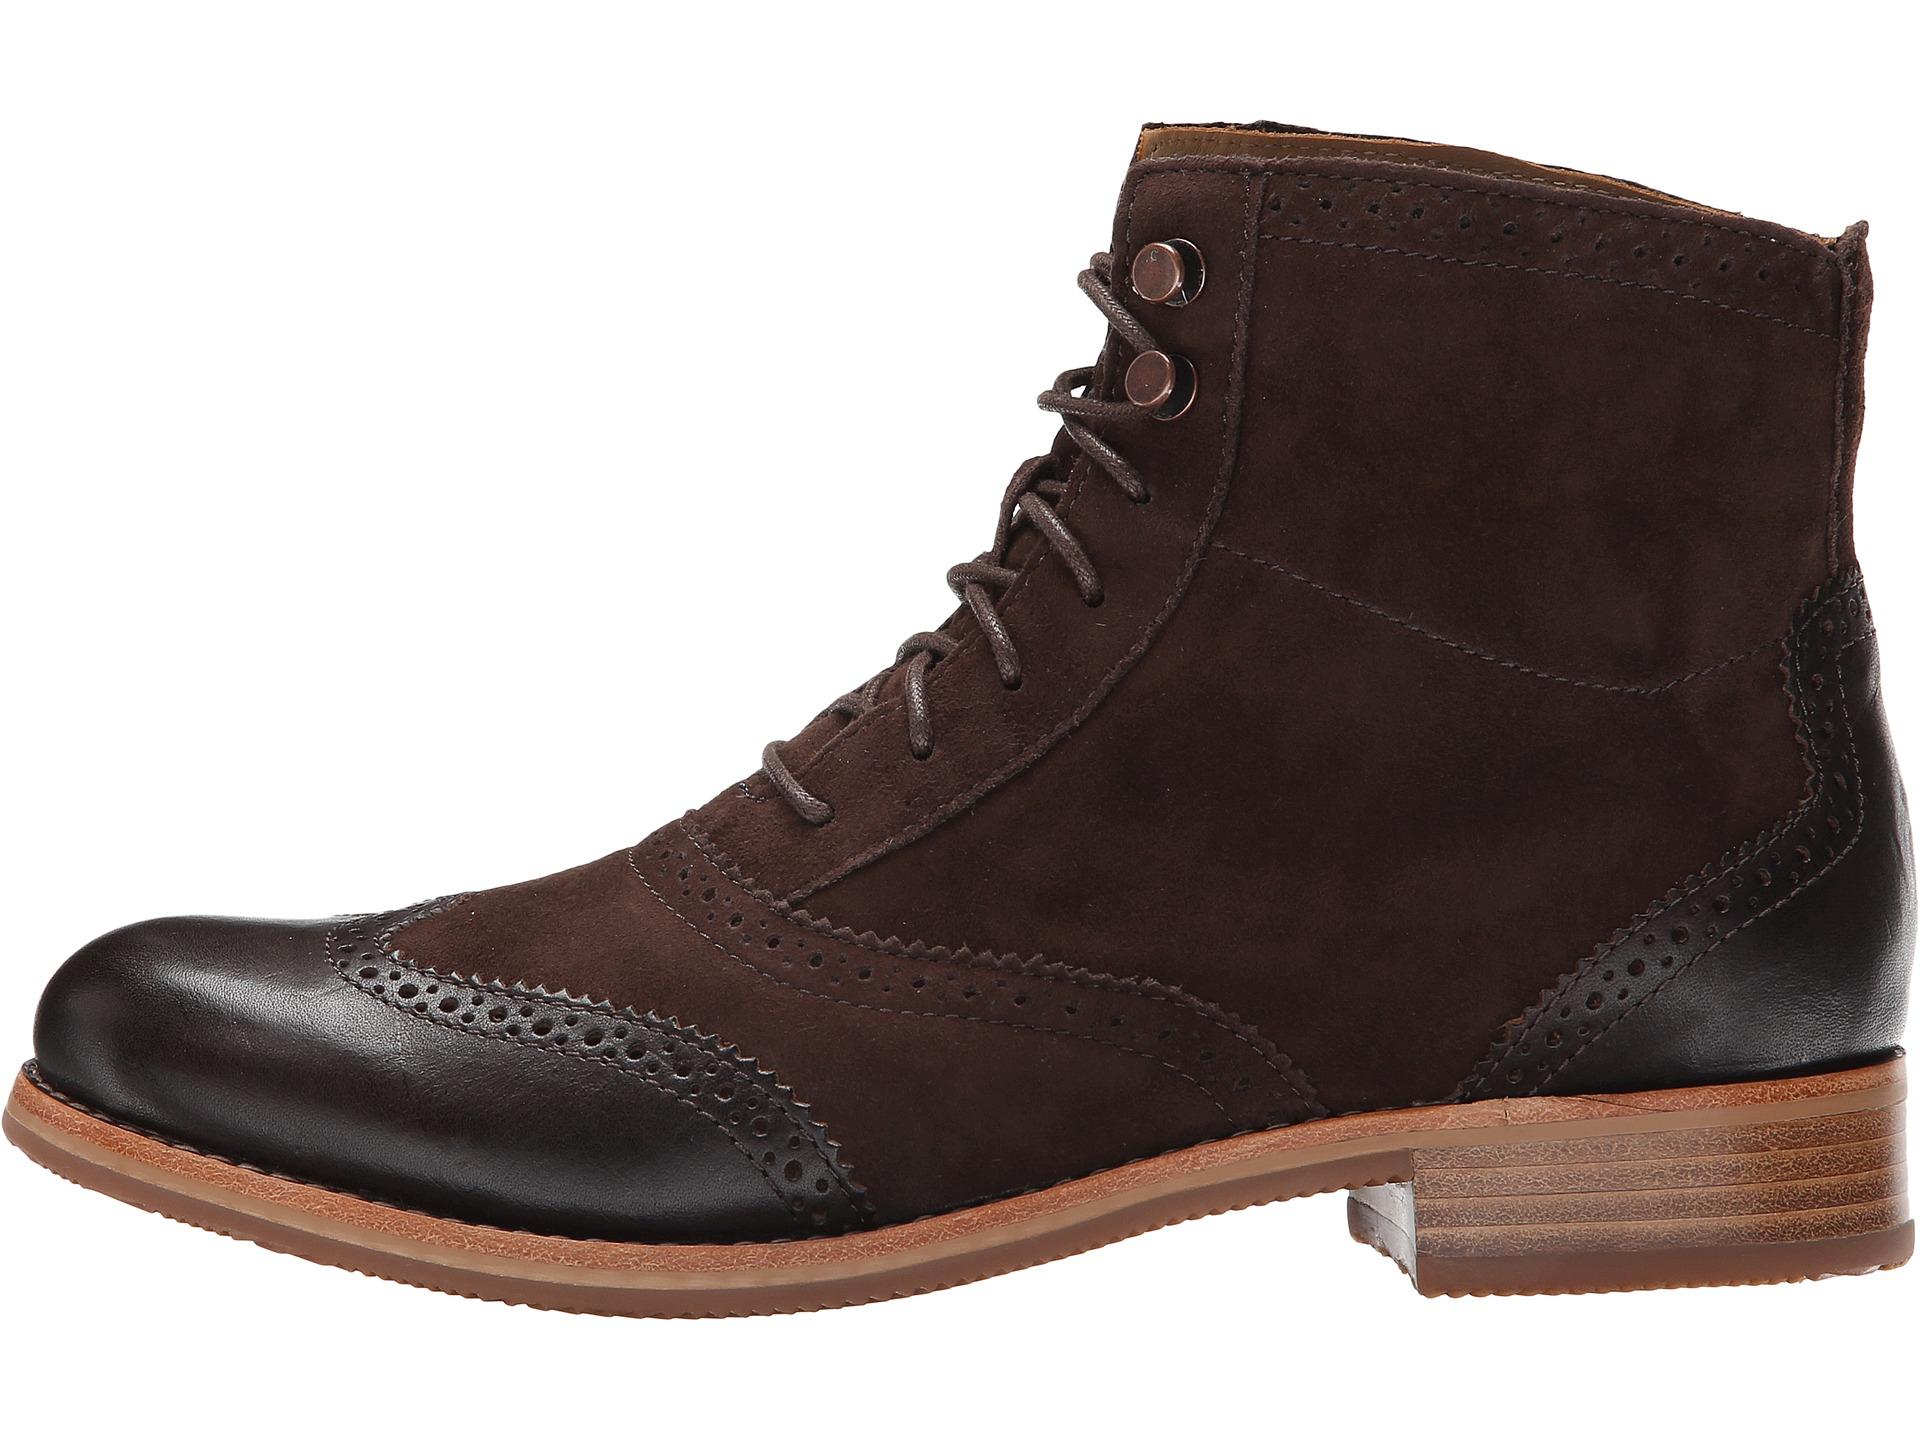 sebago claremont boot brown suede zappos free